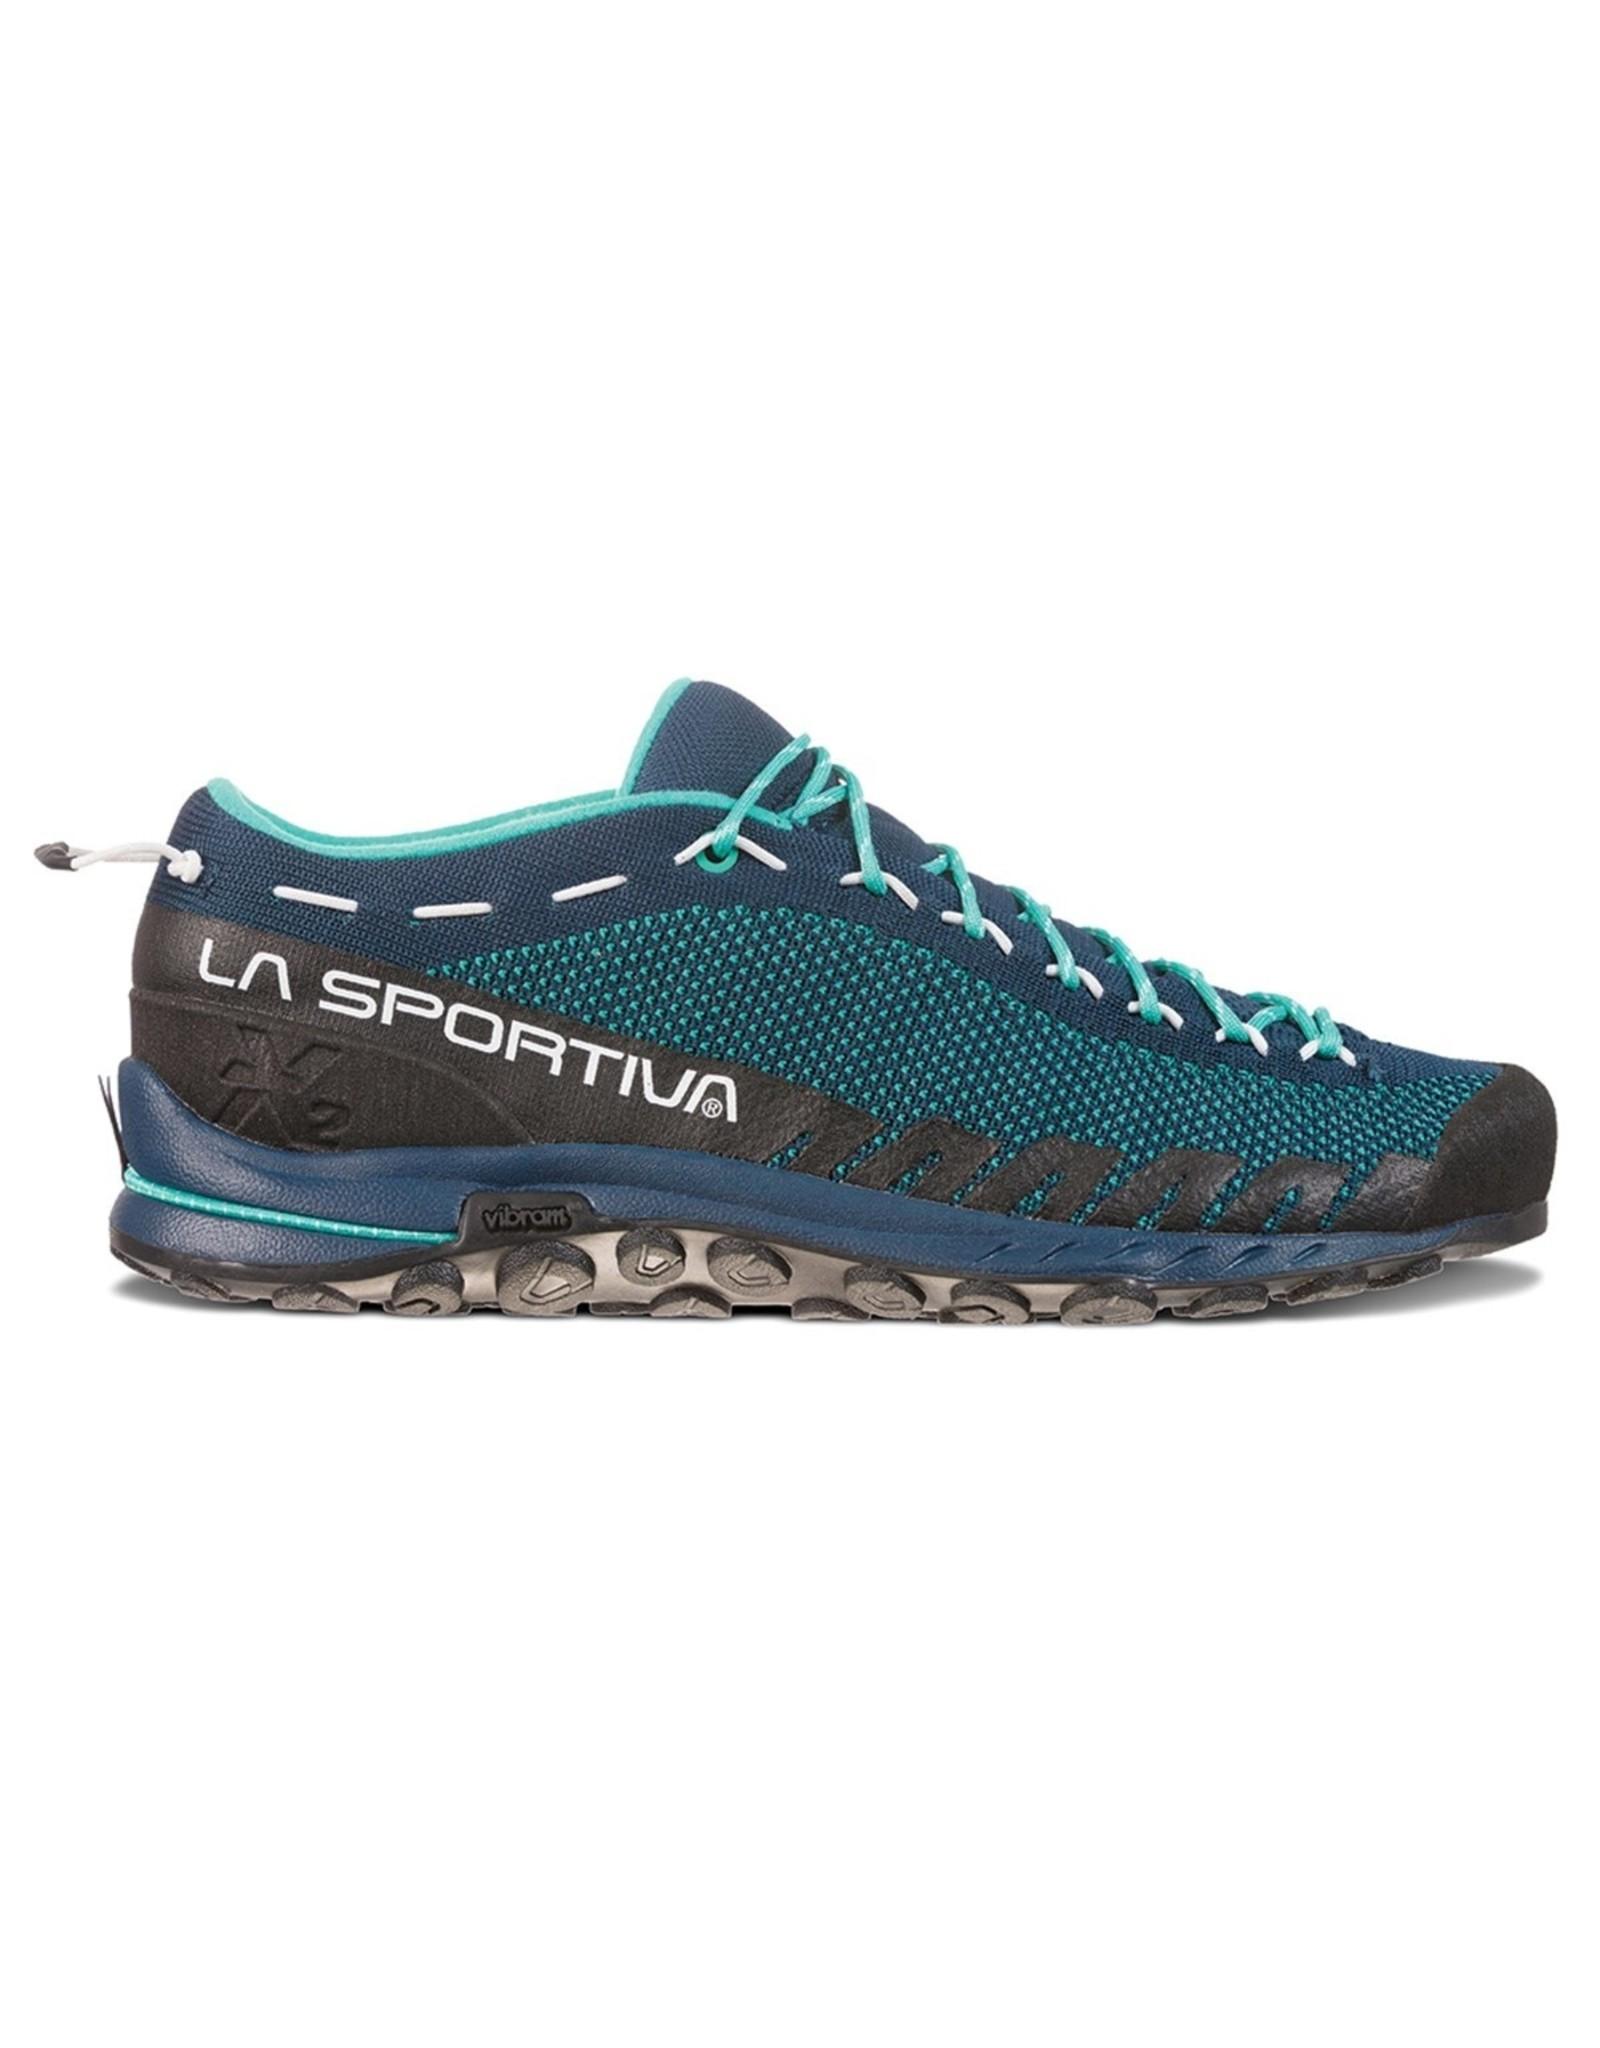 La Sportiva La Sportiva TX2 Approach Shoes -  Women